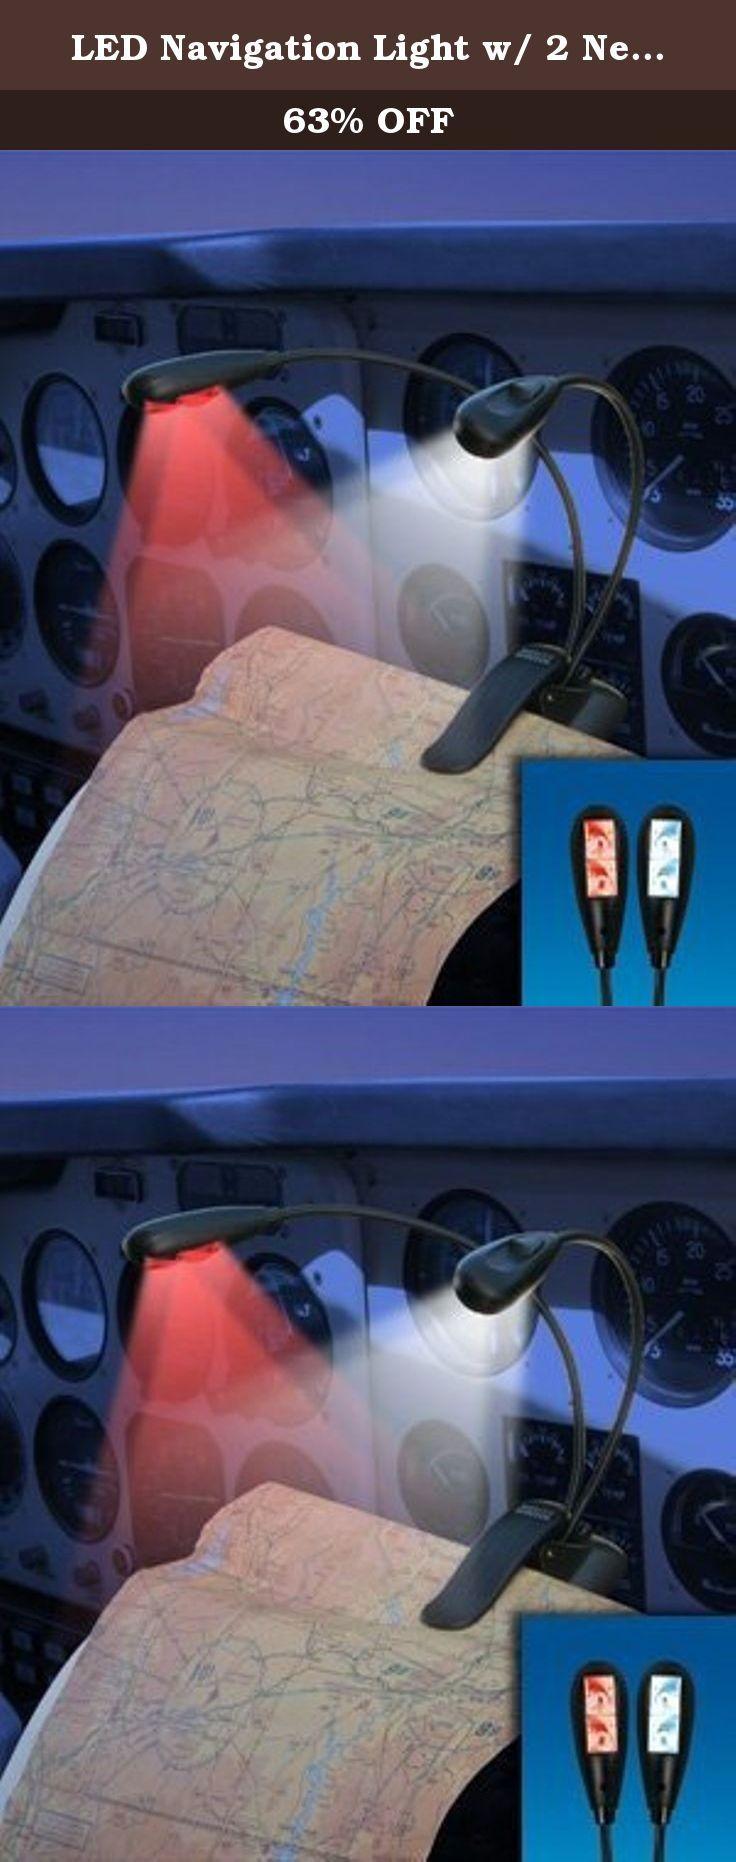 LED Navigation Light w/ 2 Necks & 4 LED Lights. LED Navigation Light w/ 2 Necks & 4 LED Lights Features: .